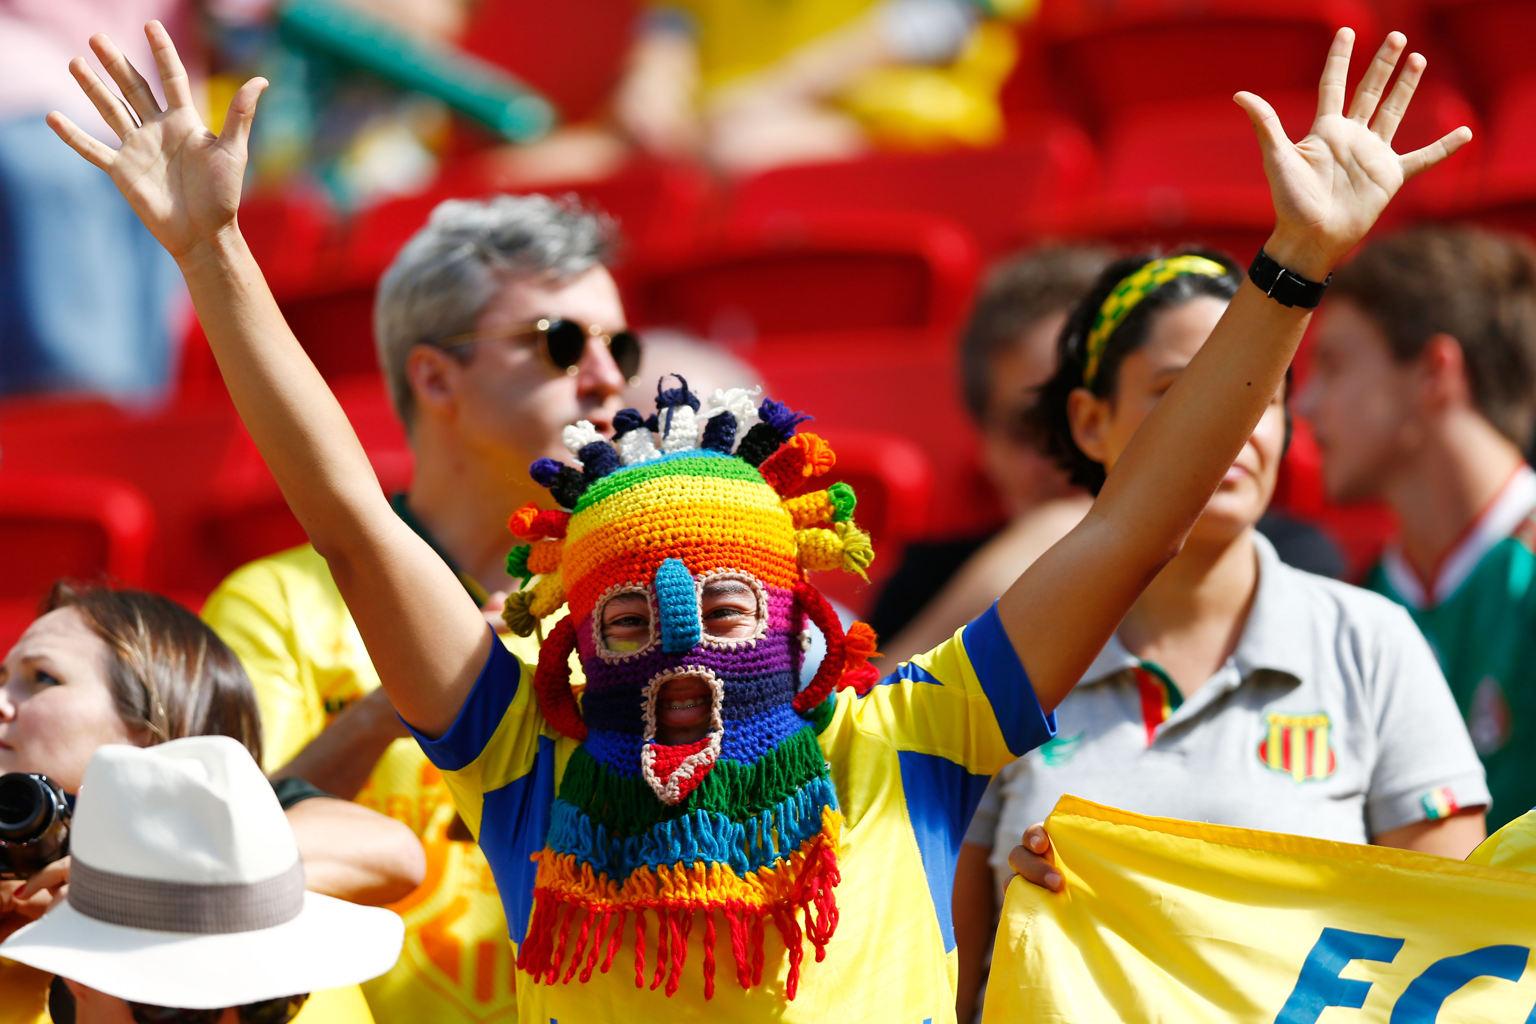 عکس های با حال و جالب جام جهانی 2014,عکس های خنده دار تماشاگران جام جهانی 2014,عکس های جام جهانی 2014 برزیل